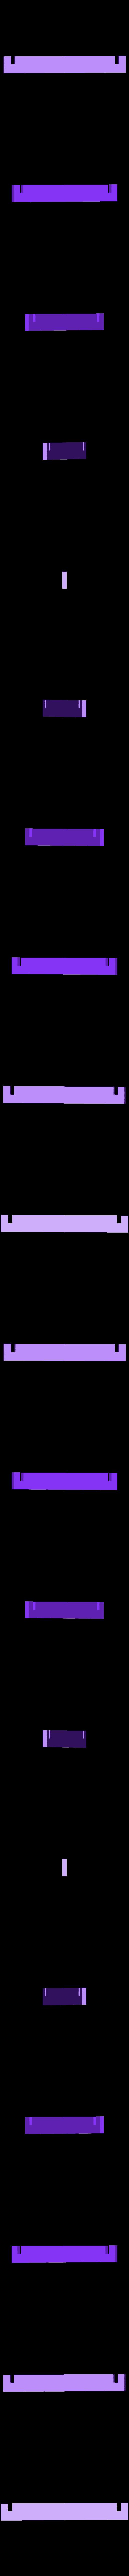 entretoise.stl Télécharger fichier STL gratuit porte smartphone ou tablette ou console de jeux démontable pour voyage • Modèle à imprimer en 3D, papounet1951